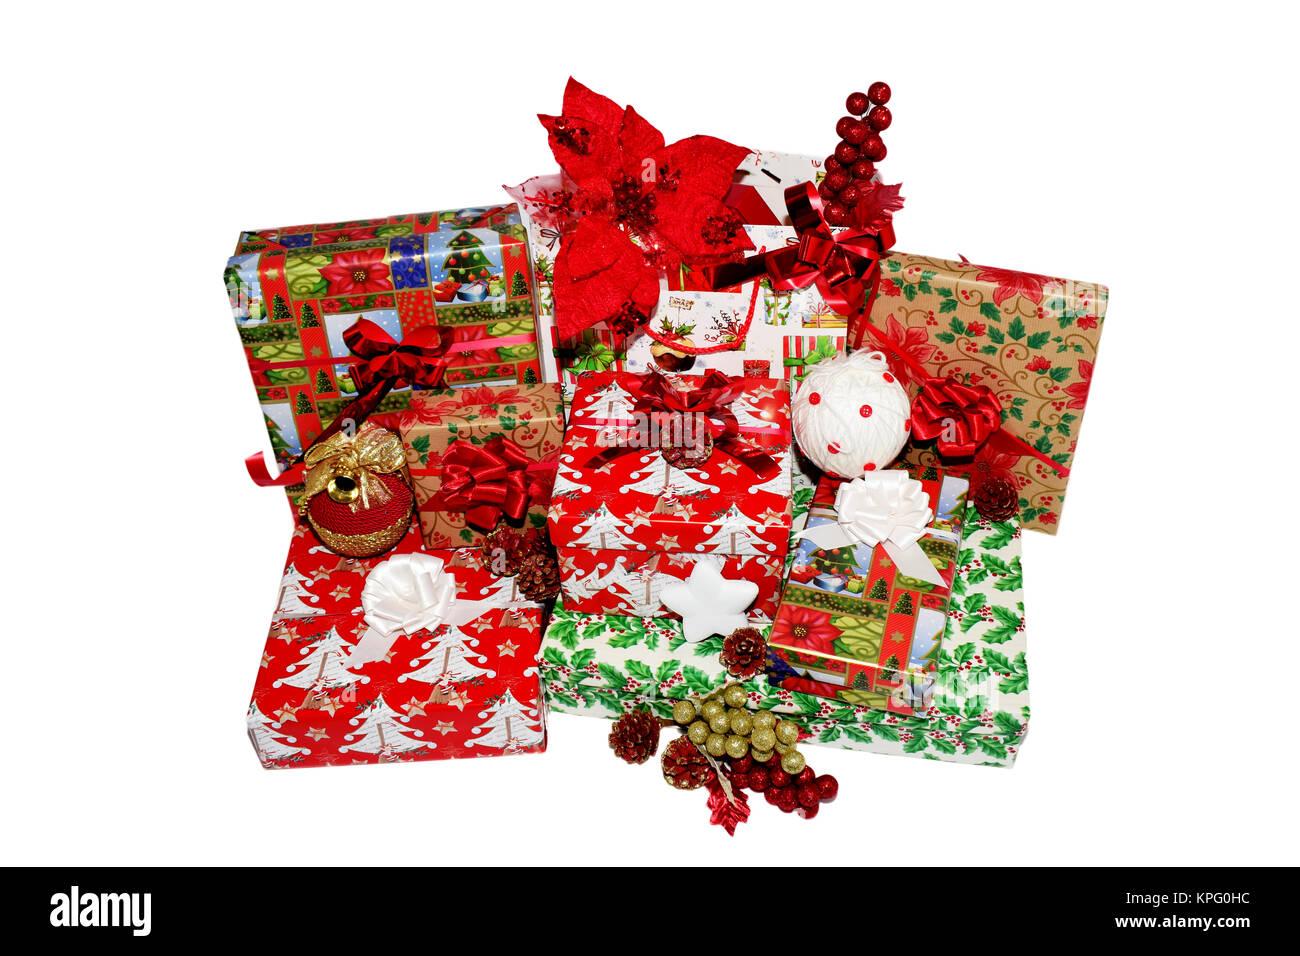 Weihnachten Geschenke in Boxen und Taschen, die in thematische ...